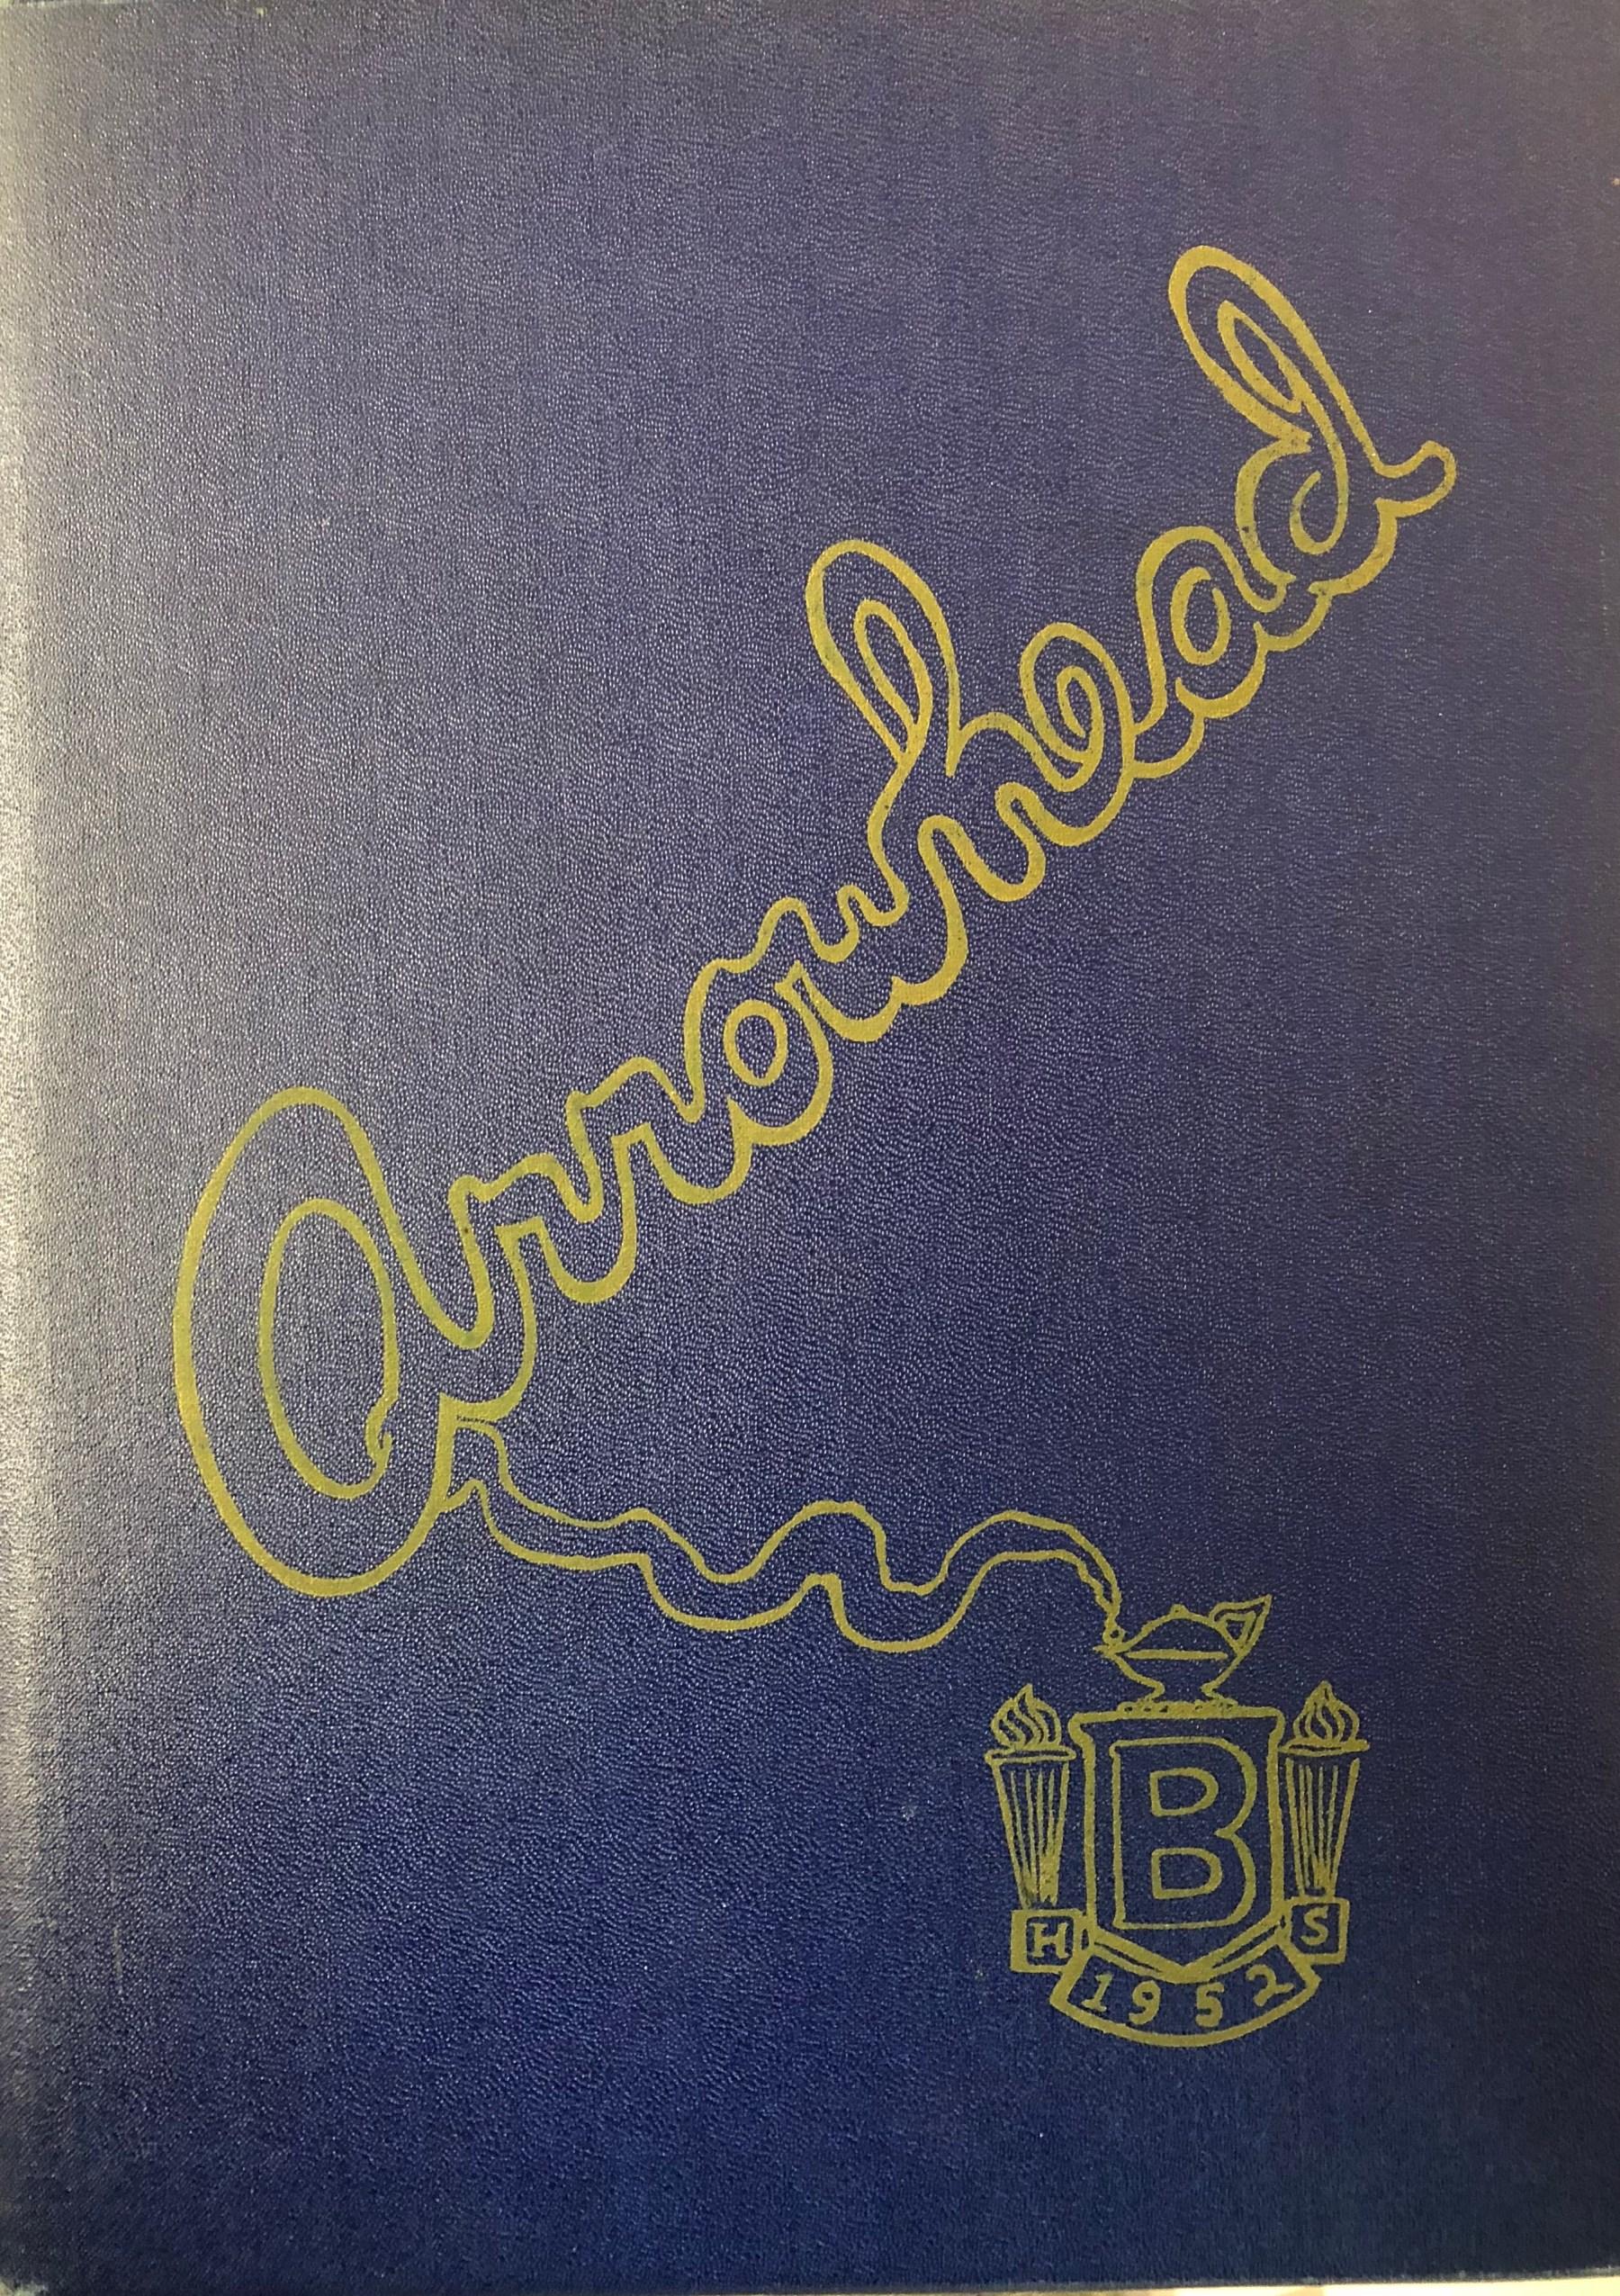 Burlington High School yearbook cover 1952